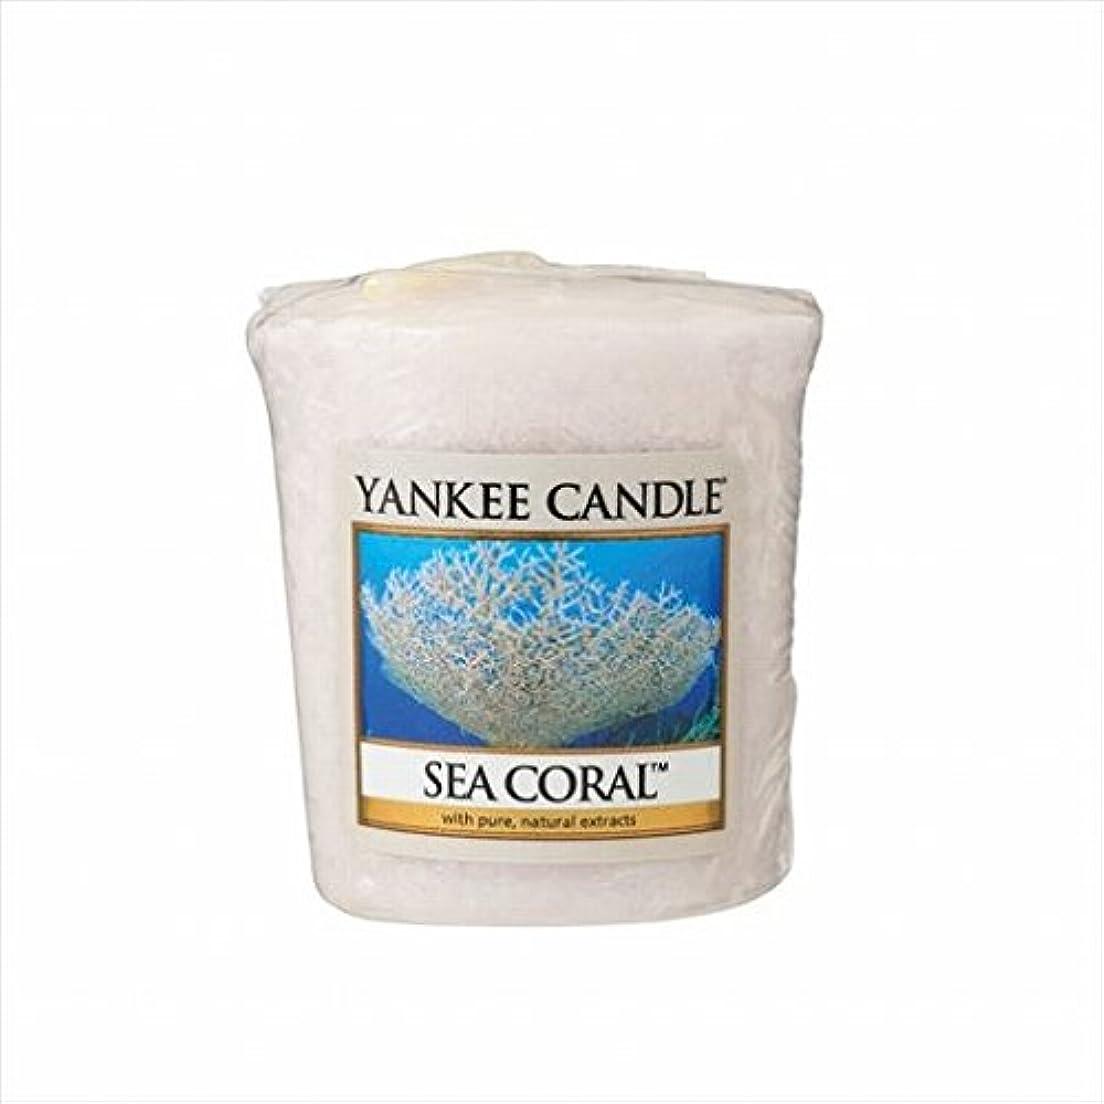 ジョセフバンクス送ったいろいろカメヤマキャンドル(kameyama candle) YANKEE CANDLE サンプラー 「 シーコーラル 」